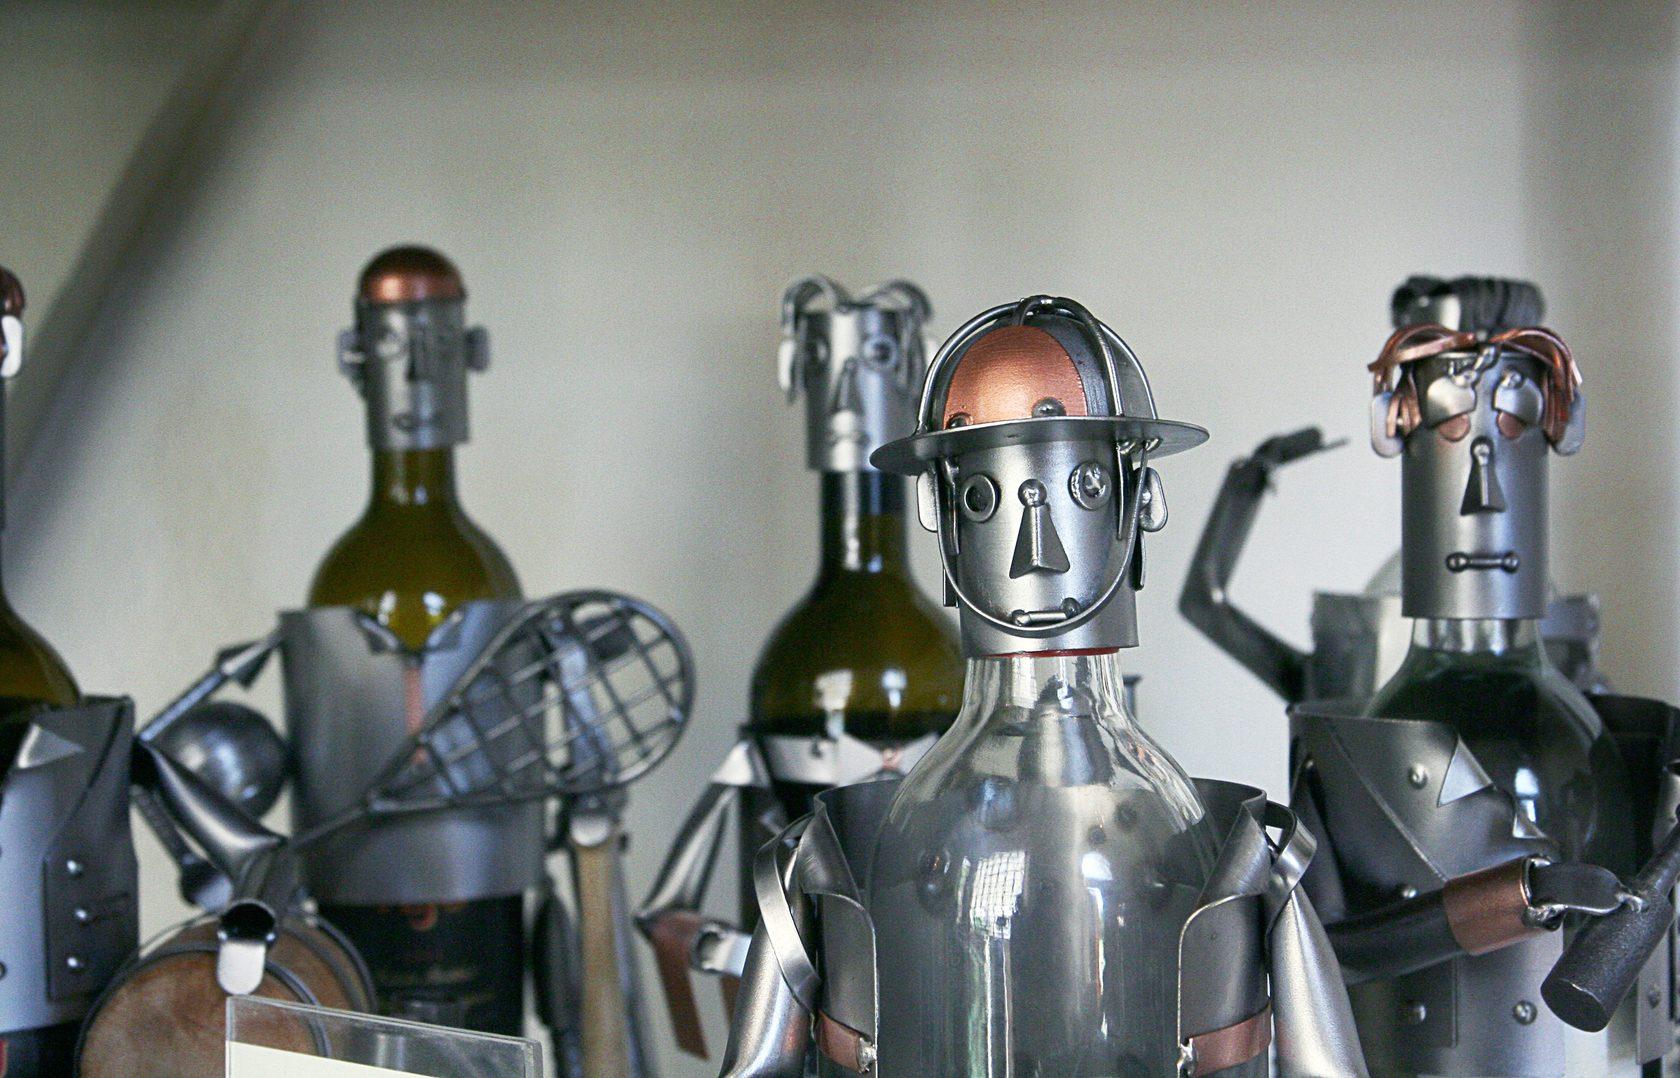 https://gaponova.school/robots